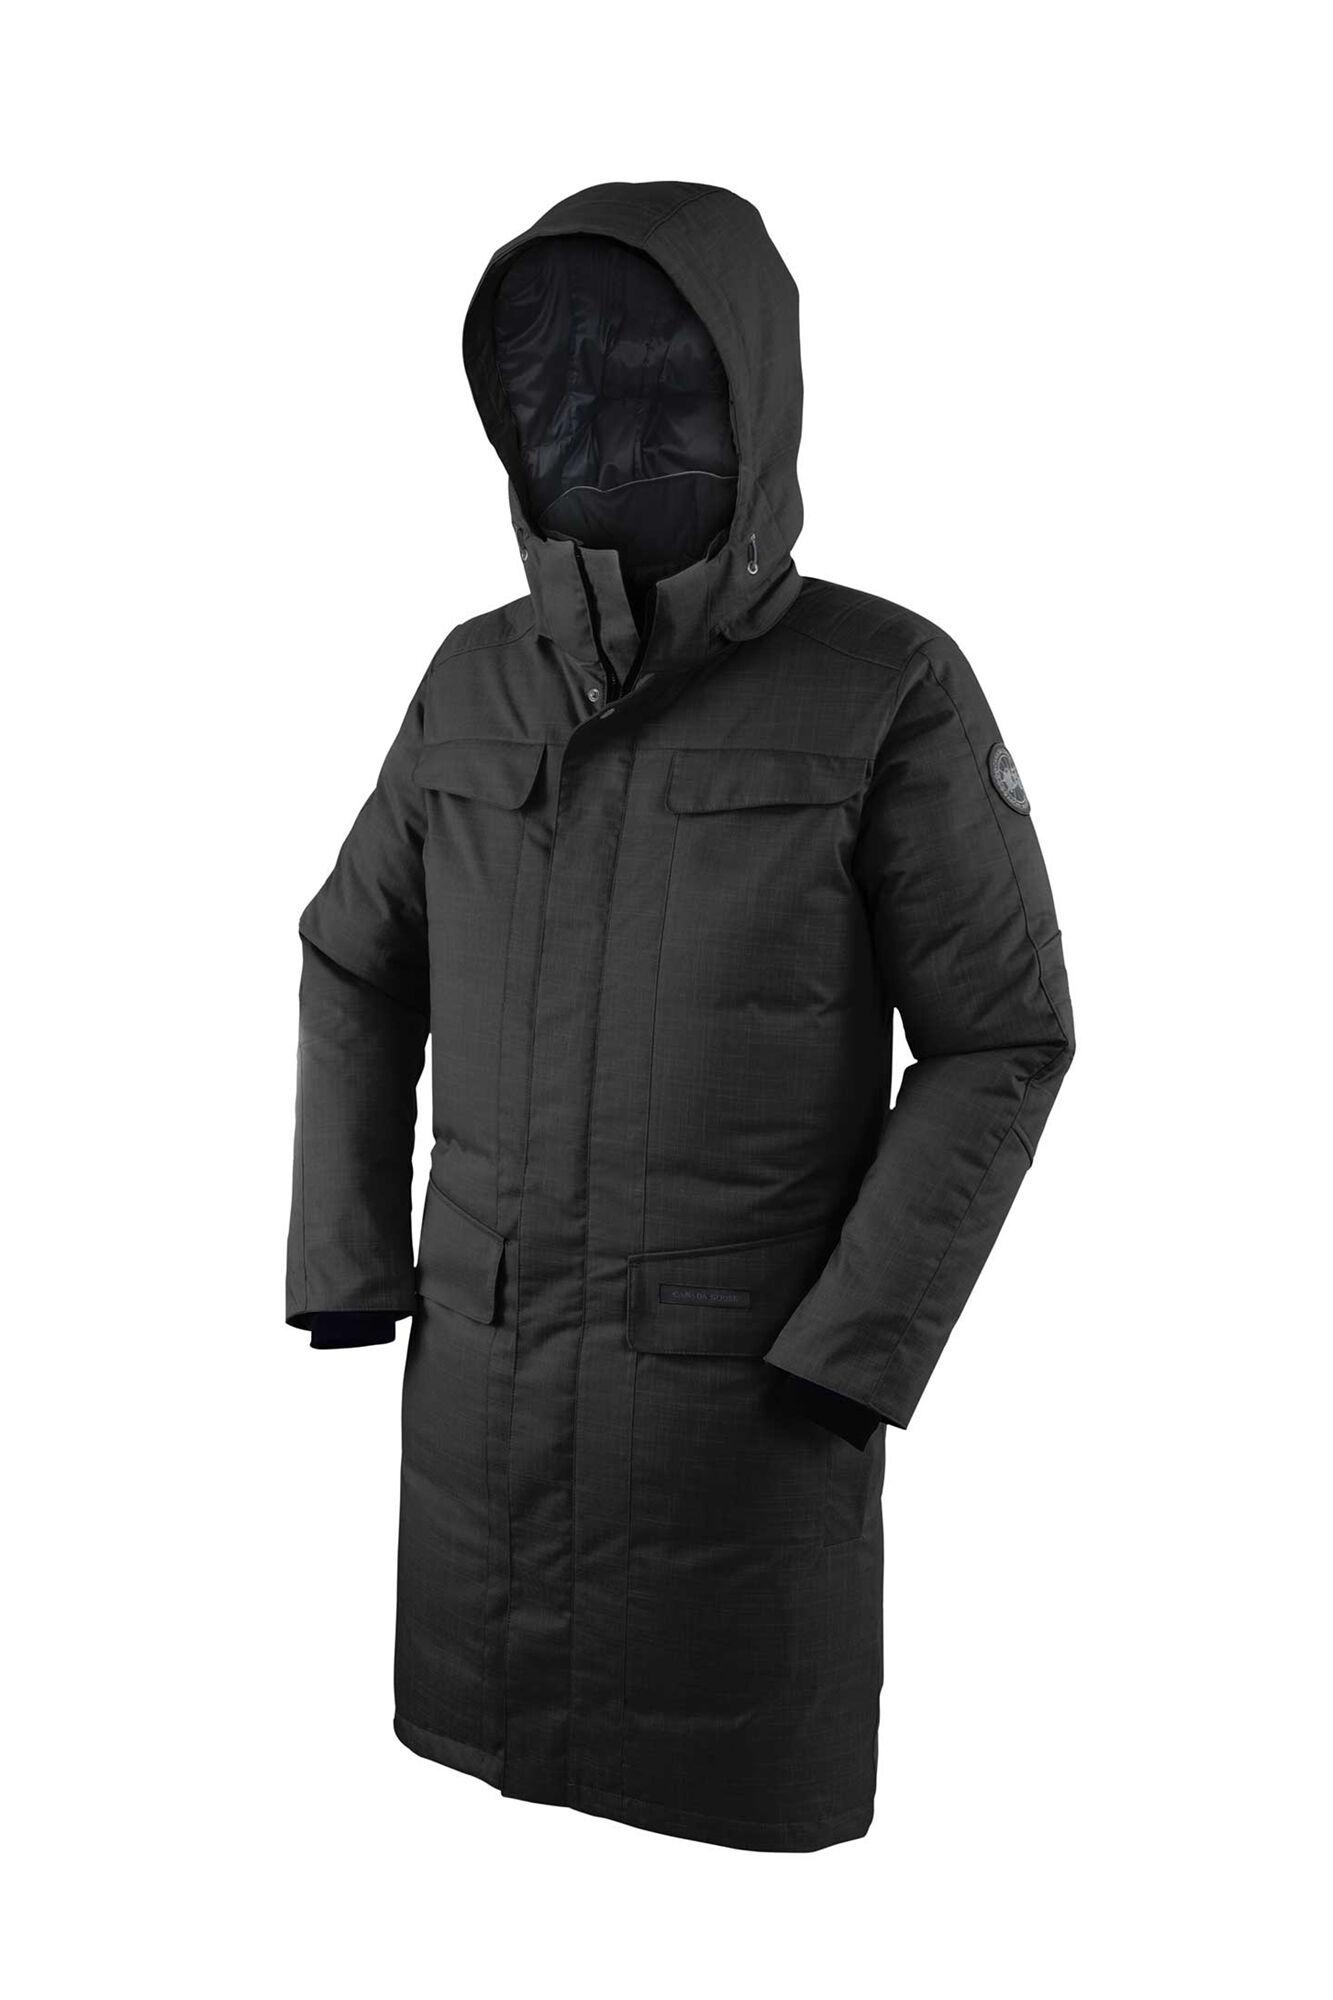 Harrison Coat Black Label | Canada Goose®